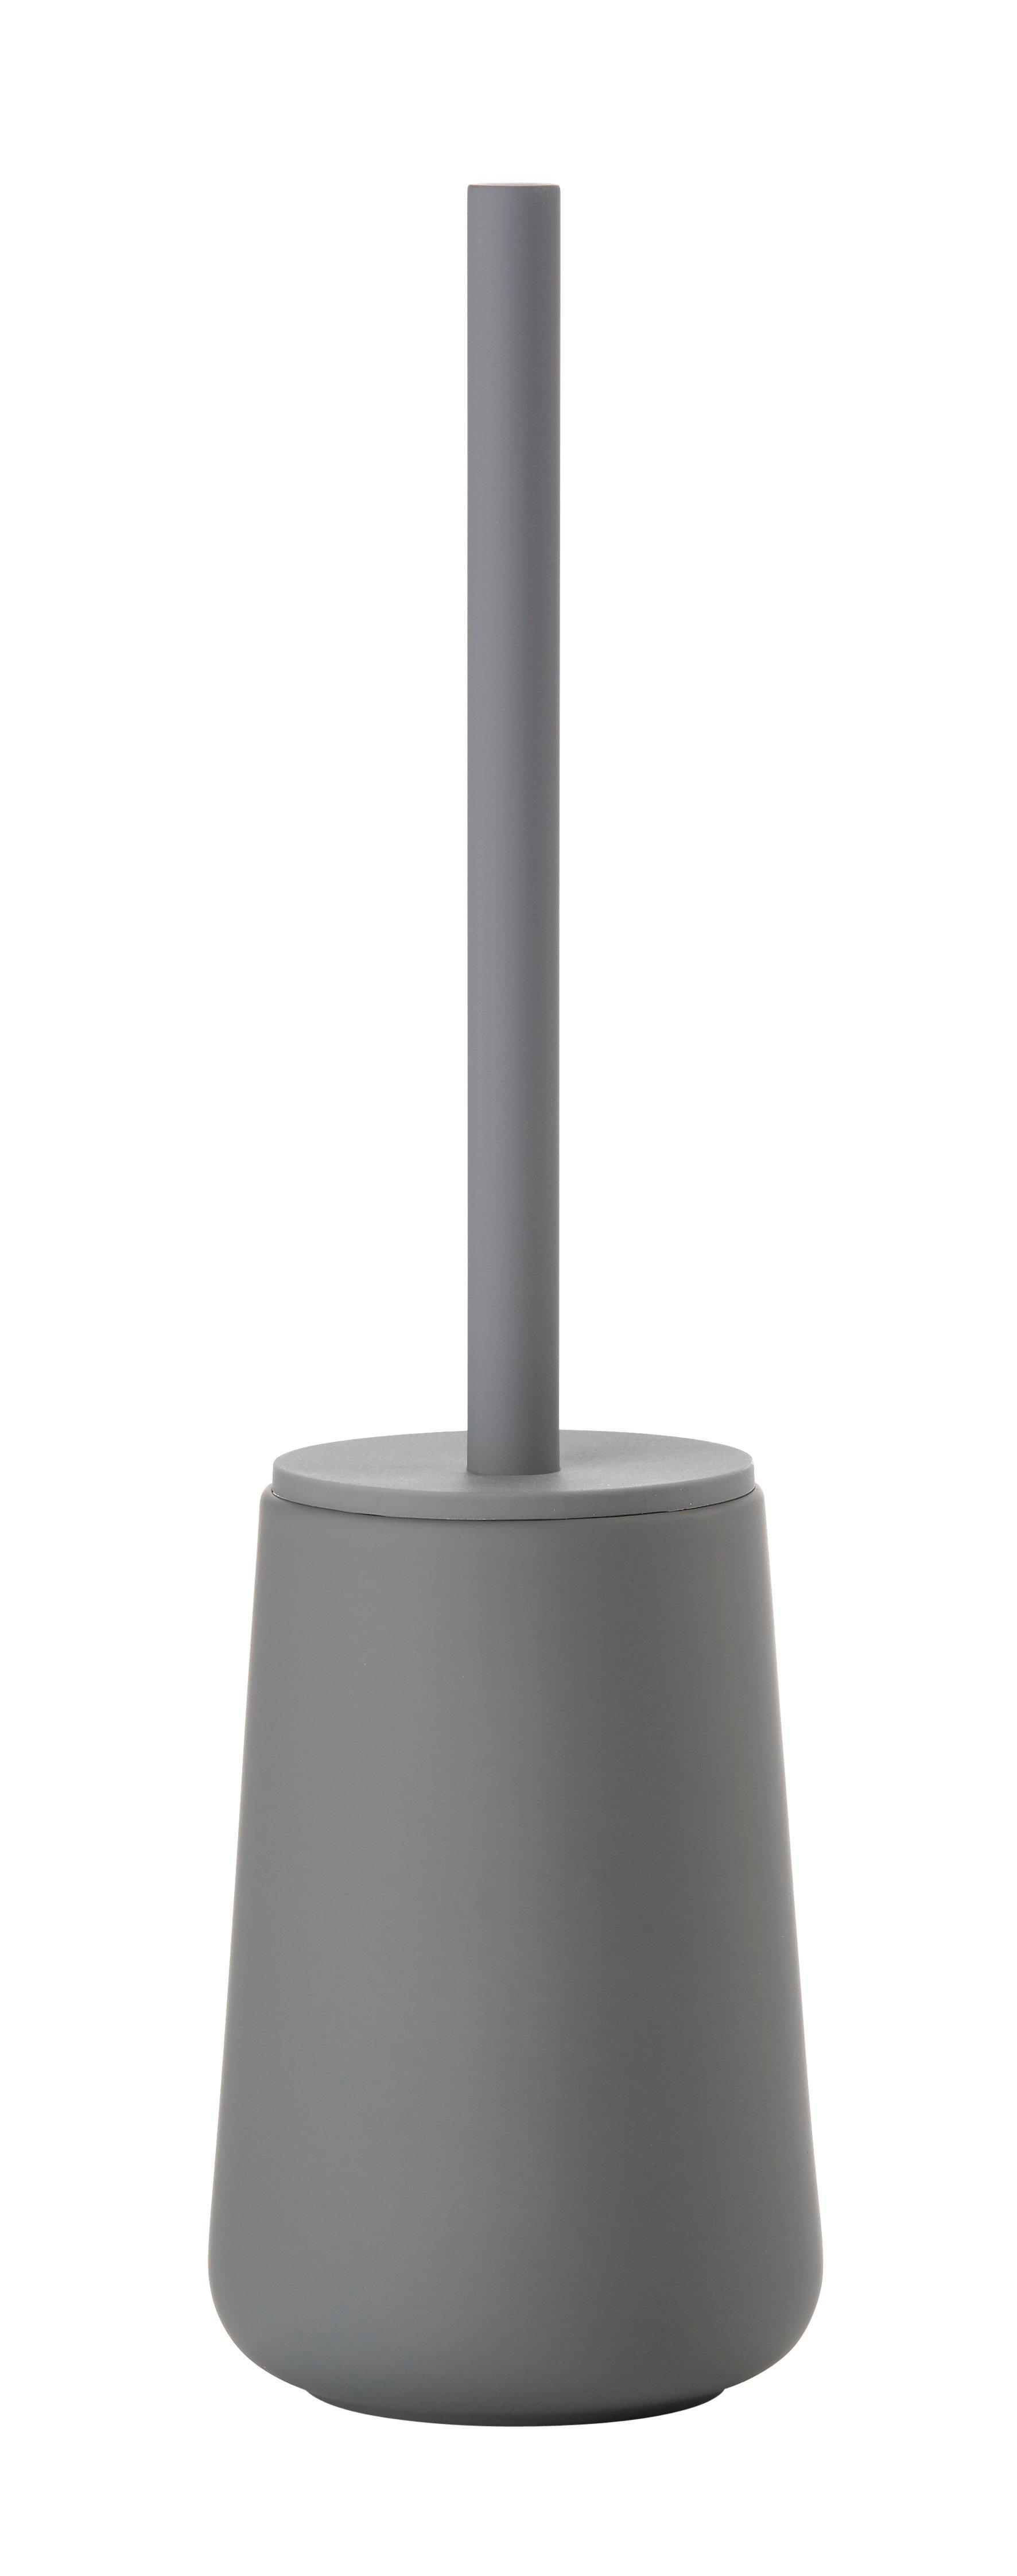 Zone - Nova One Toilet Brush - Grey (330165)